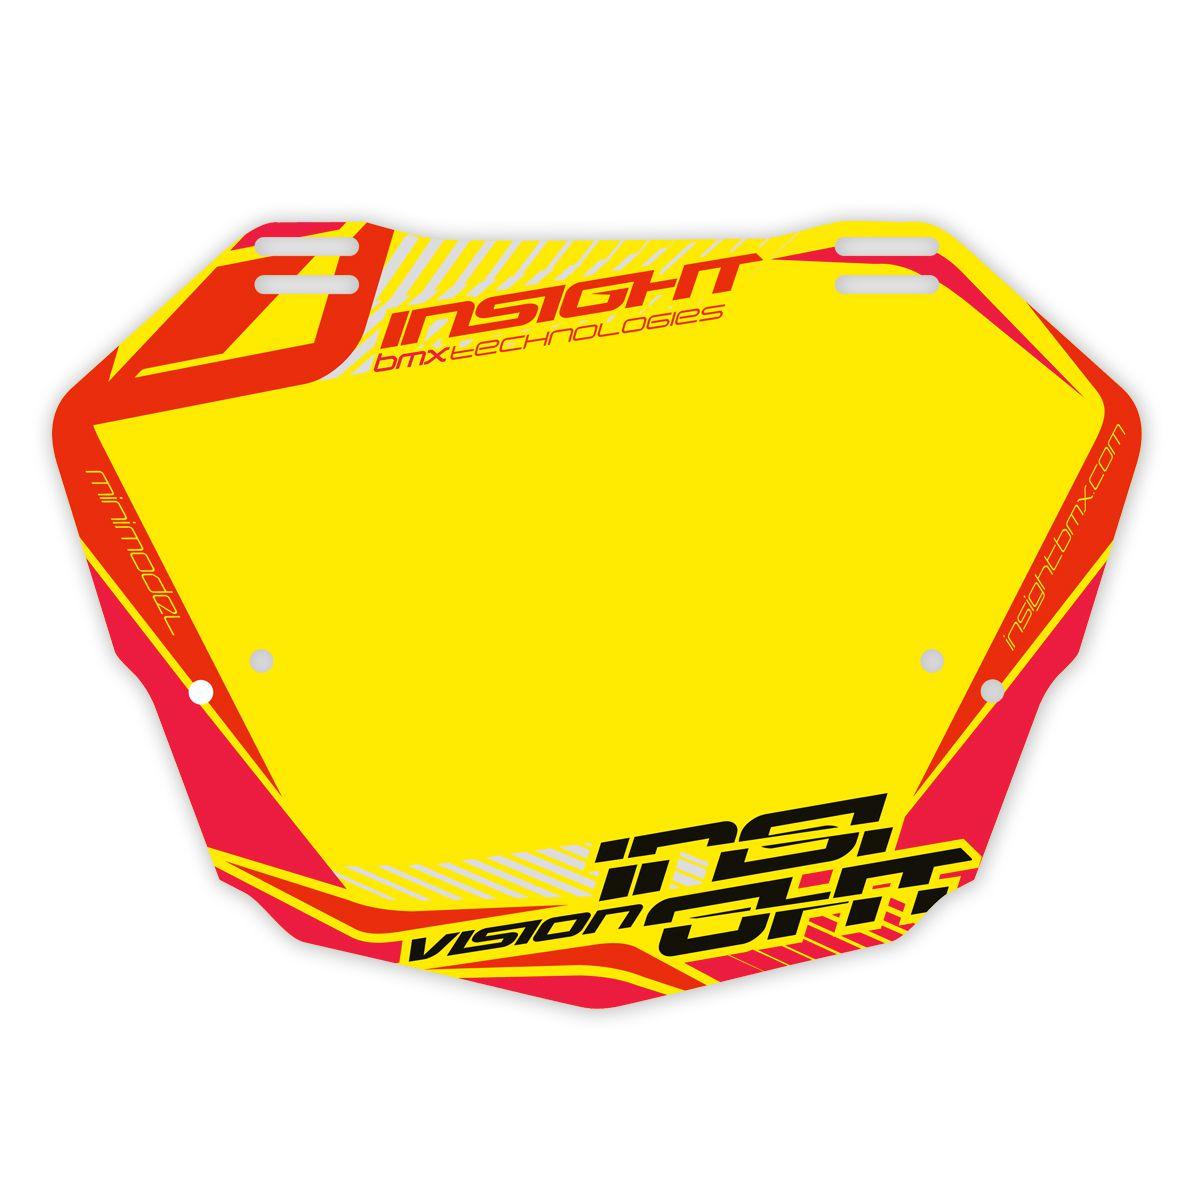 plaque-insight-vision-2-mini-fond-jaune